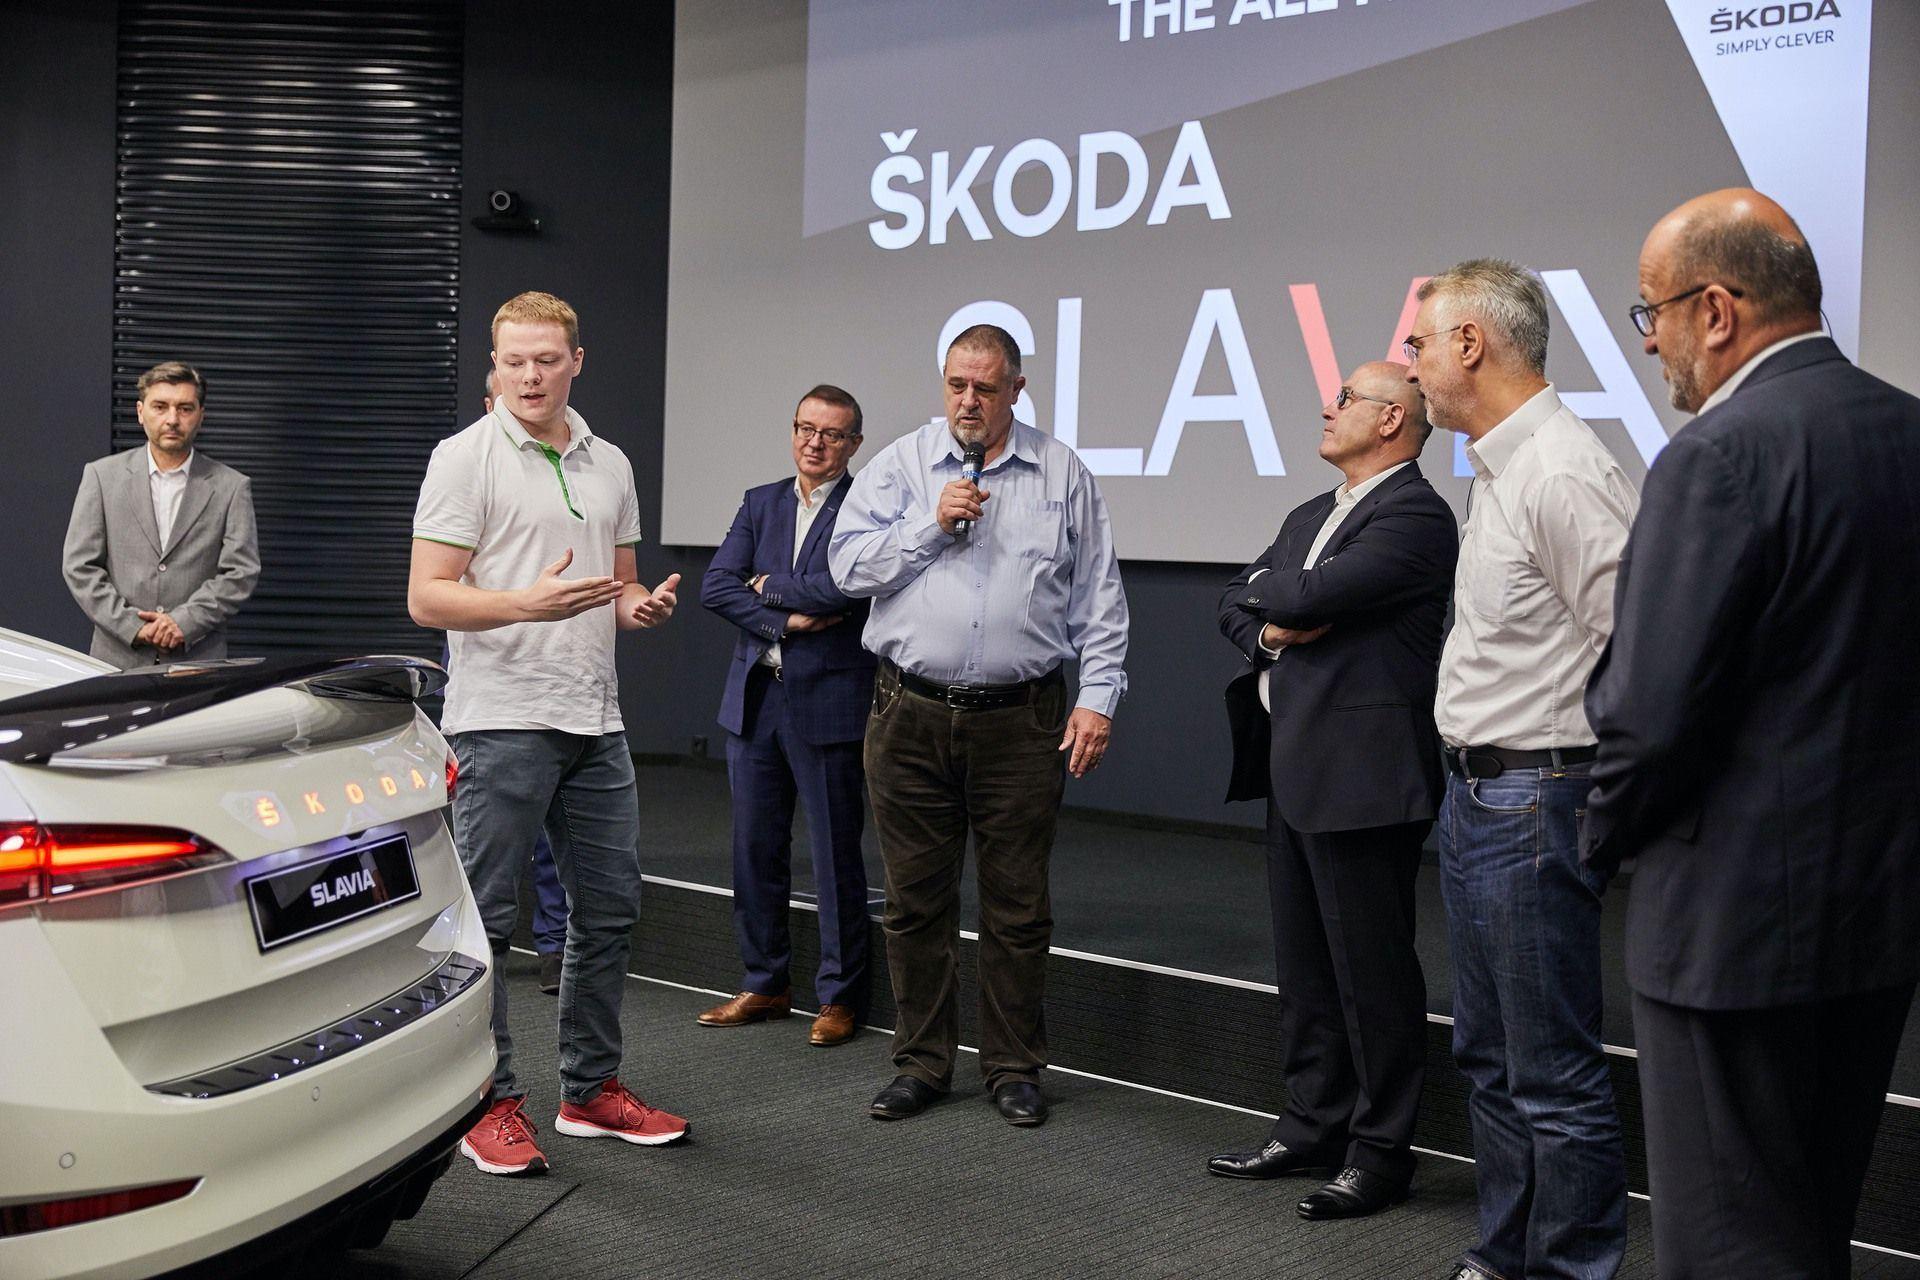 Skoda_Slavia_0108